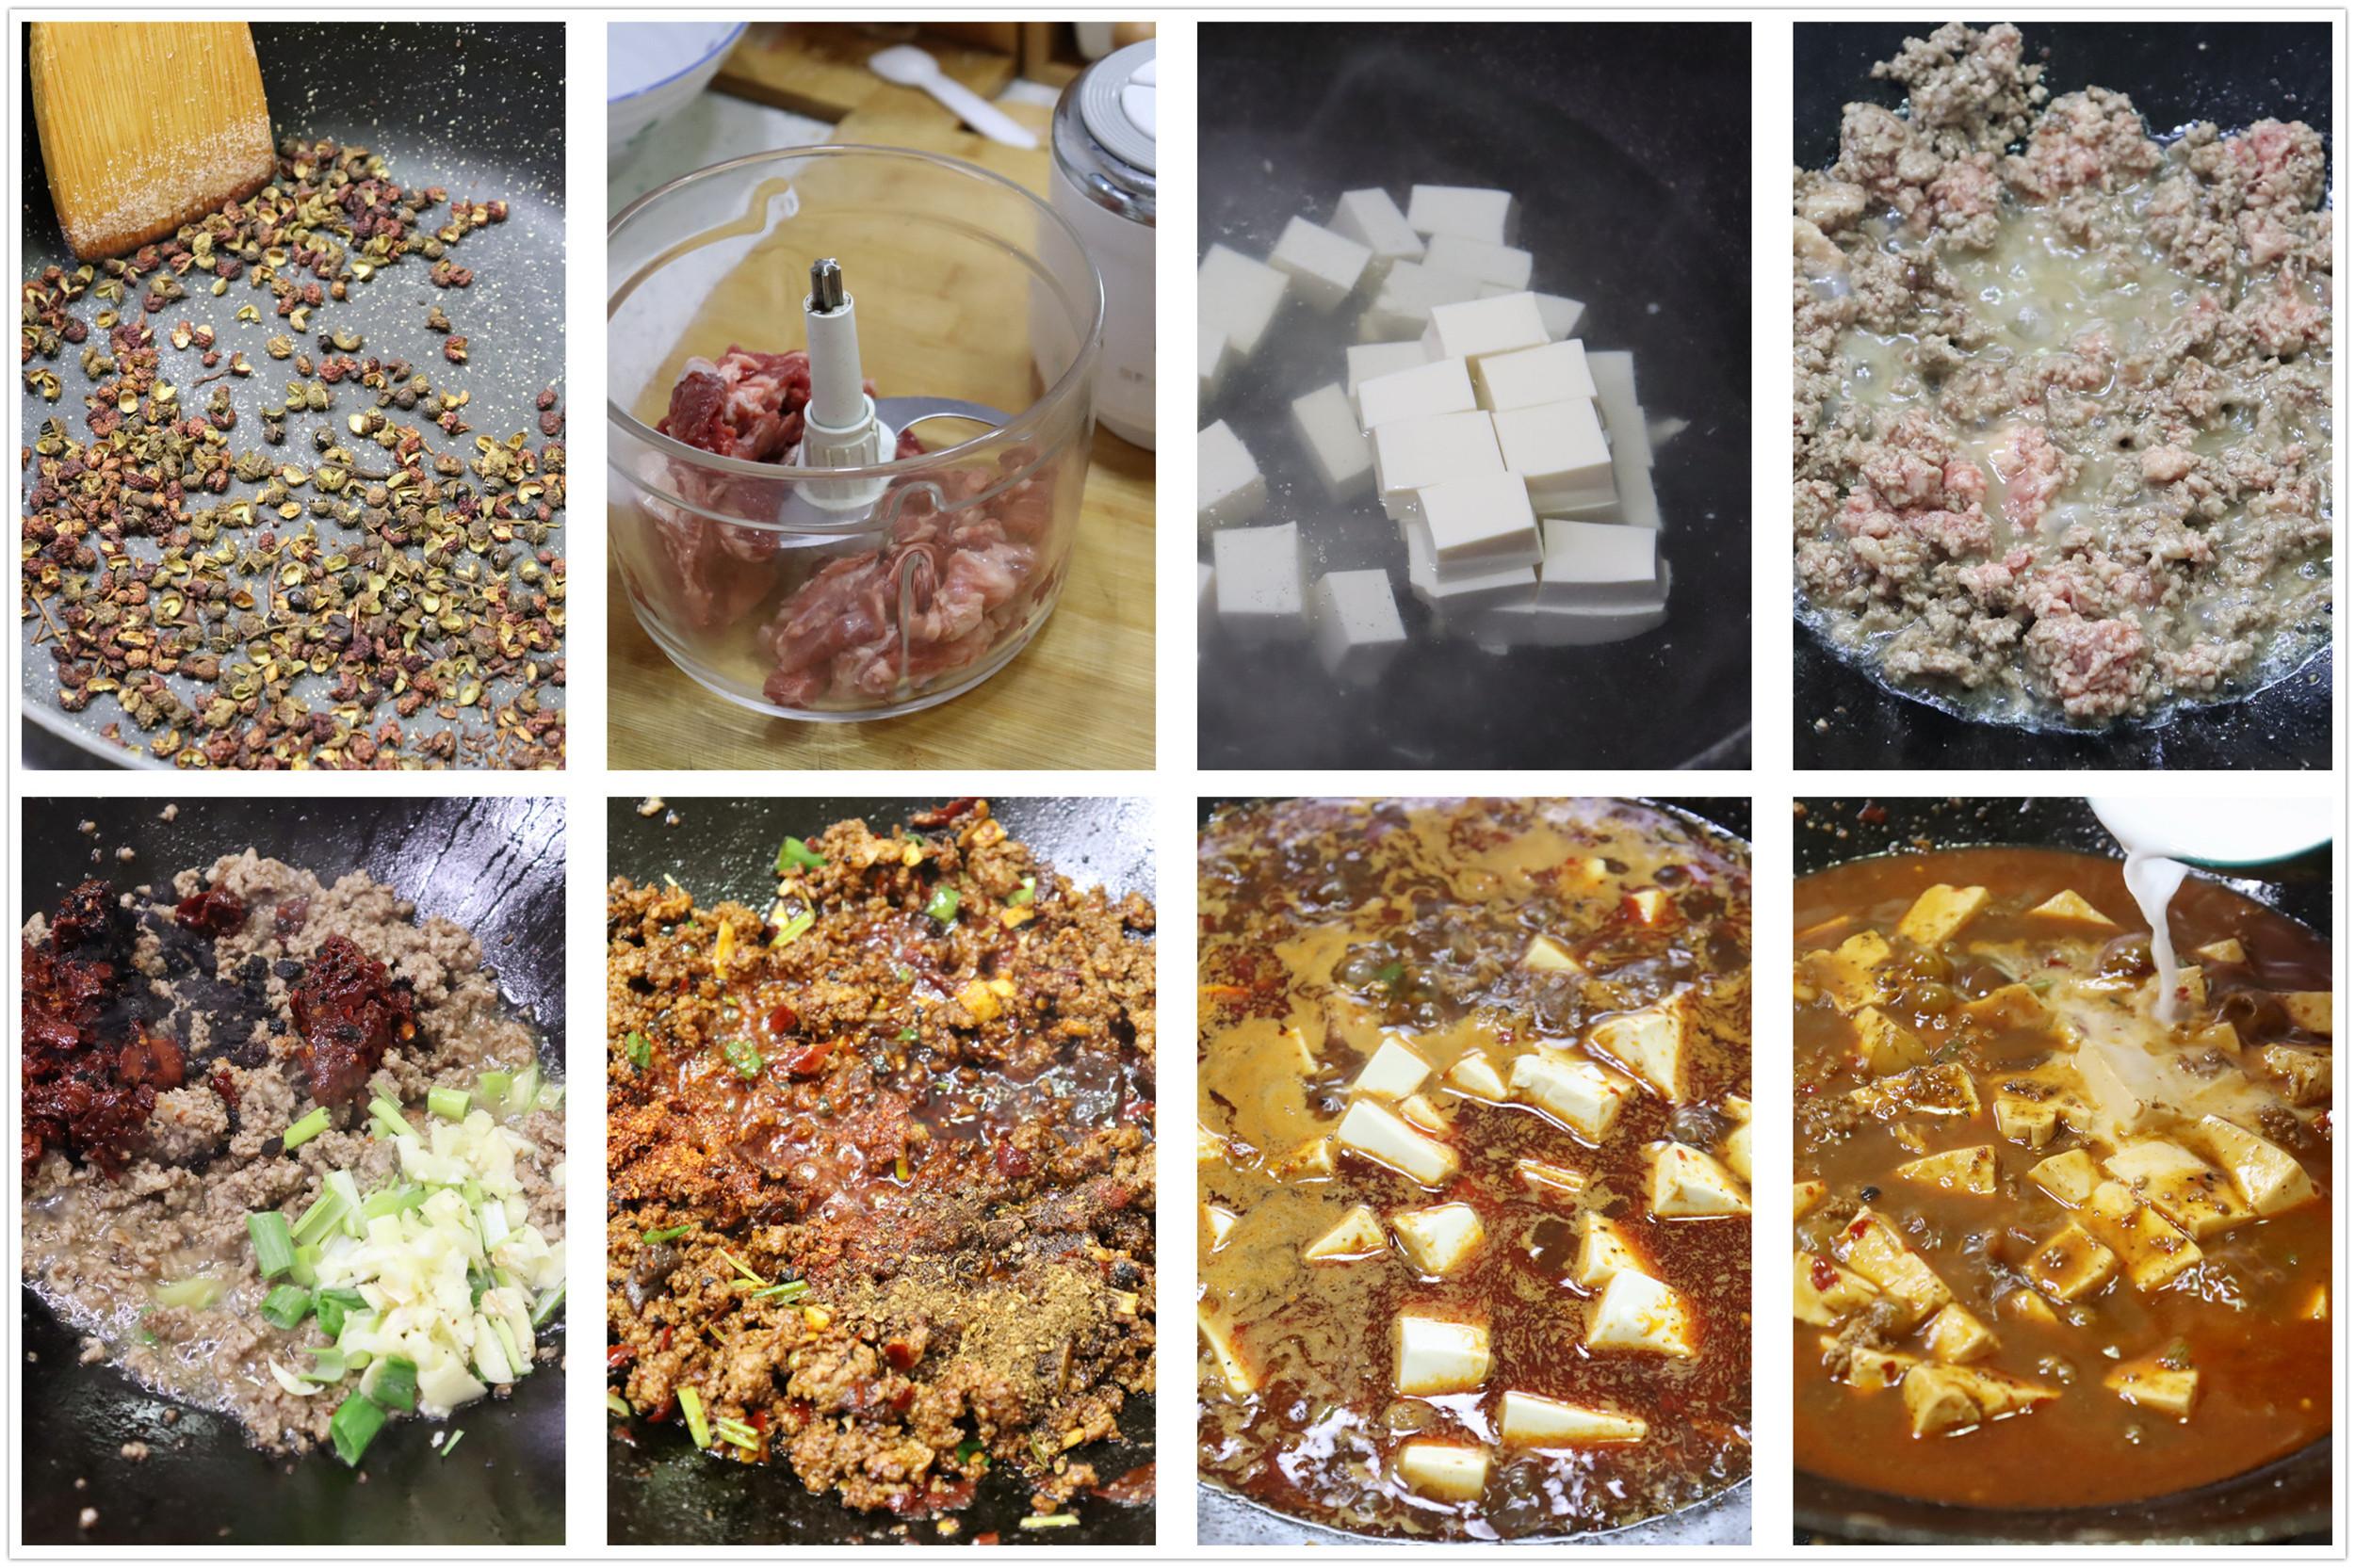 年底聚餐用的上,豆腐6种吃不烦的做法,有滋有味,不比吃肉差 美食做法 第3张